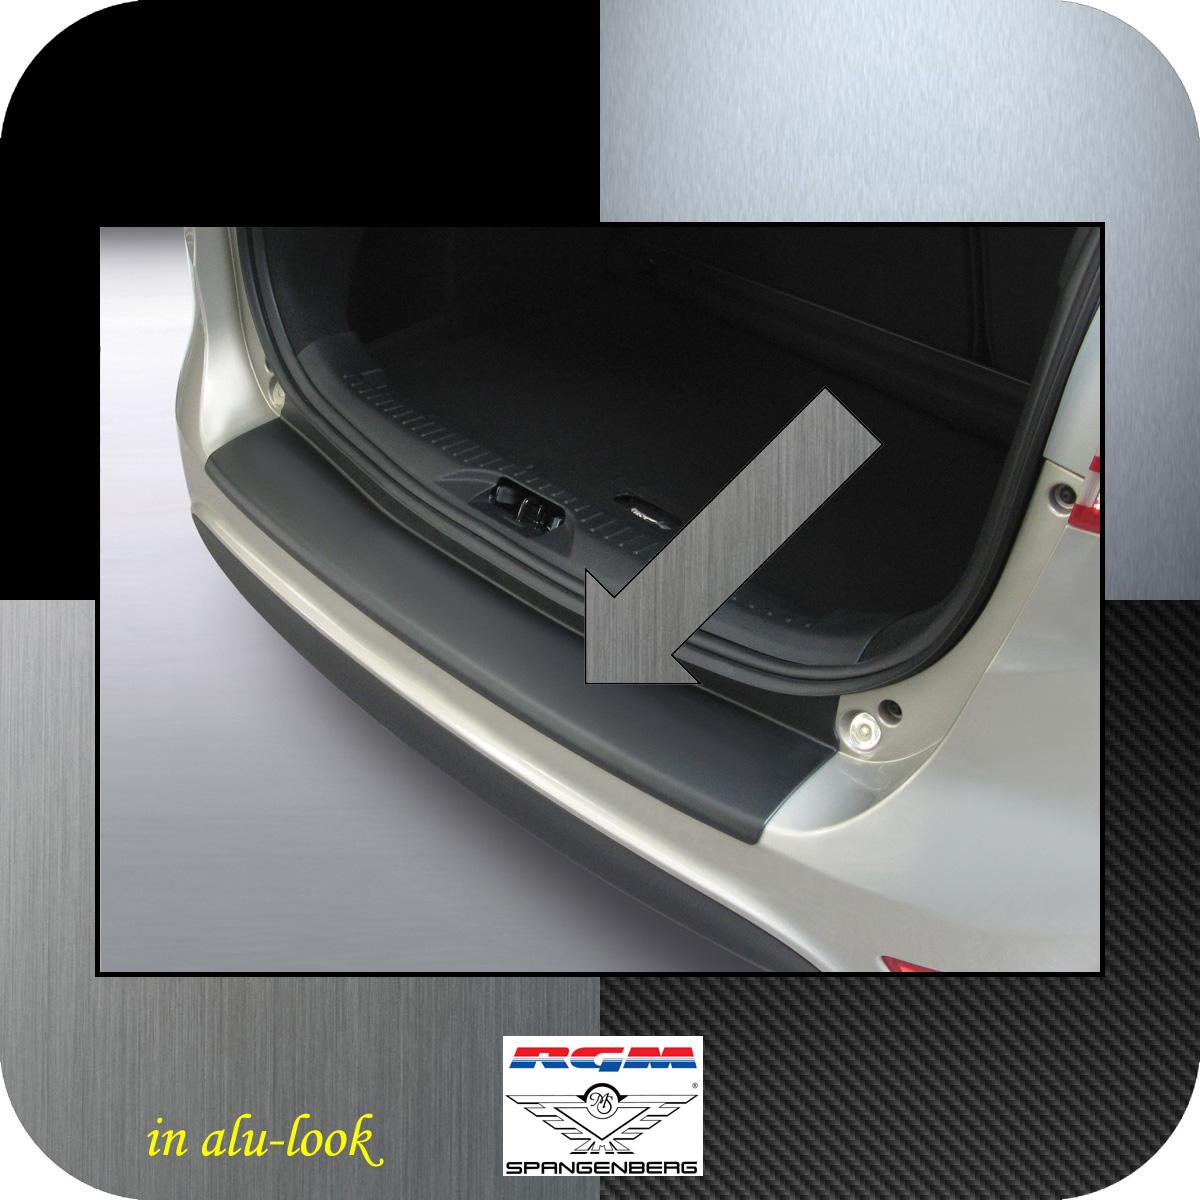 Ladekantenschutz Alu-Look Ford B-MAX Van Kombi Baujahre 2012-2017 3504584